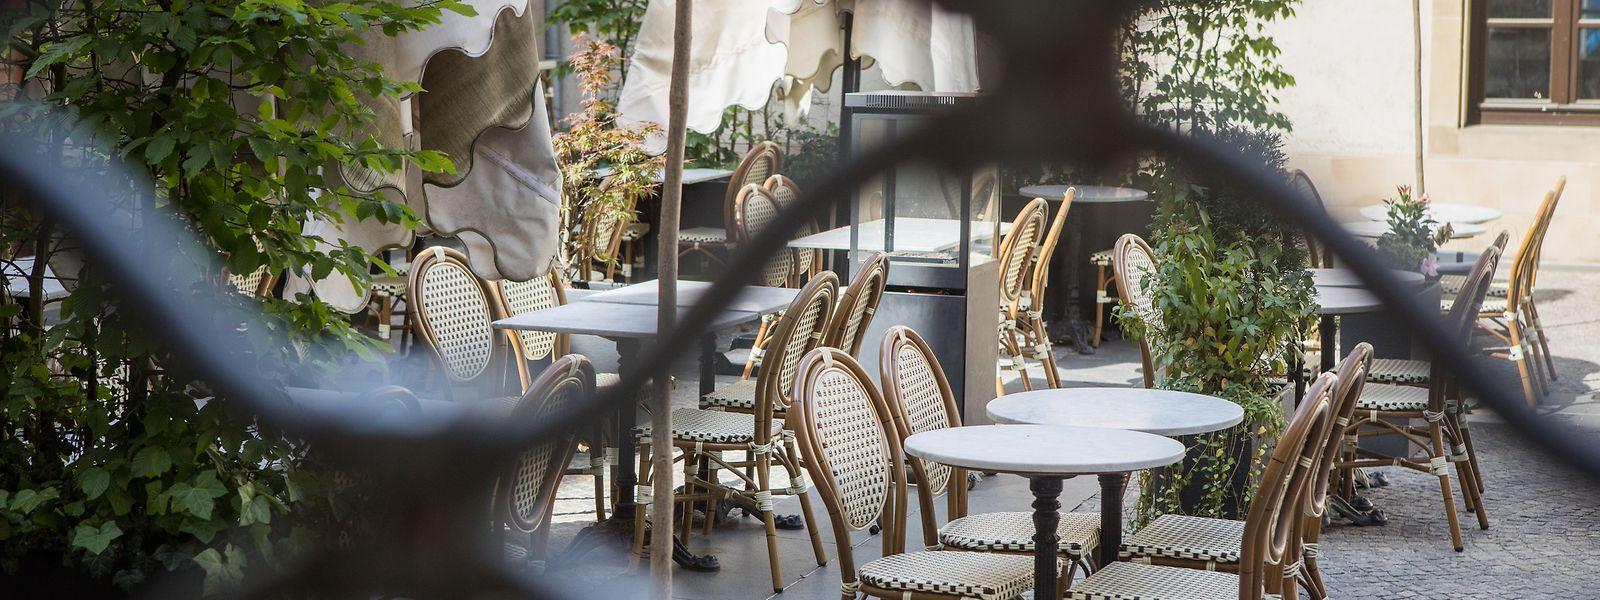 La profession exige qu'au moins les parties extérieures des cafés et restaurants puissent ouvrir dans un premier temps.